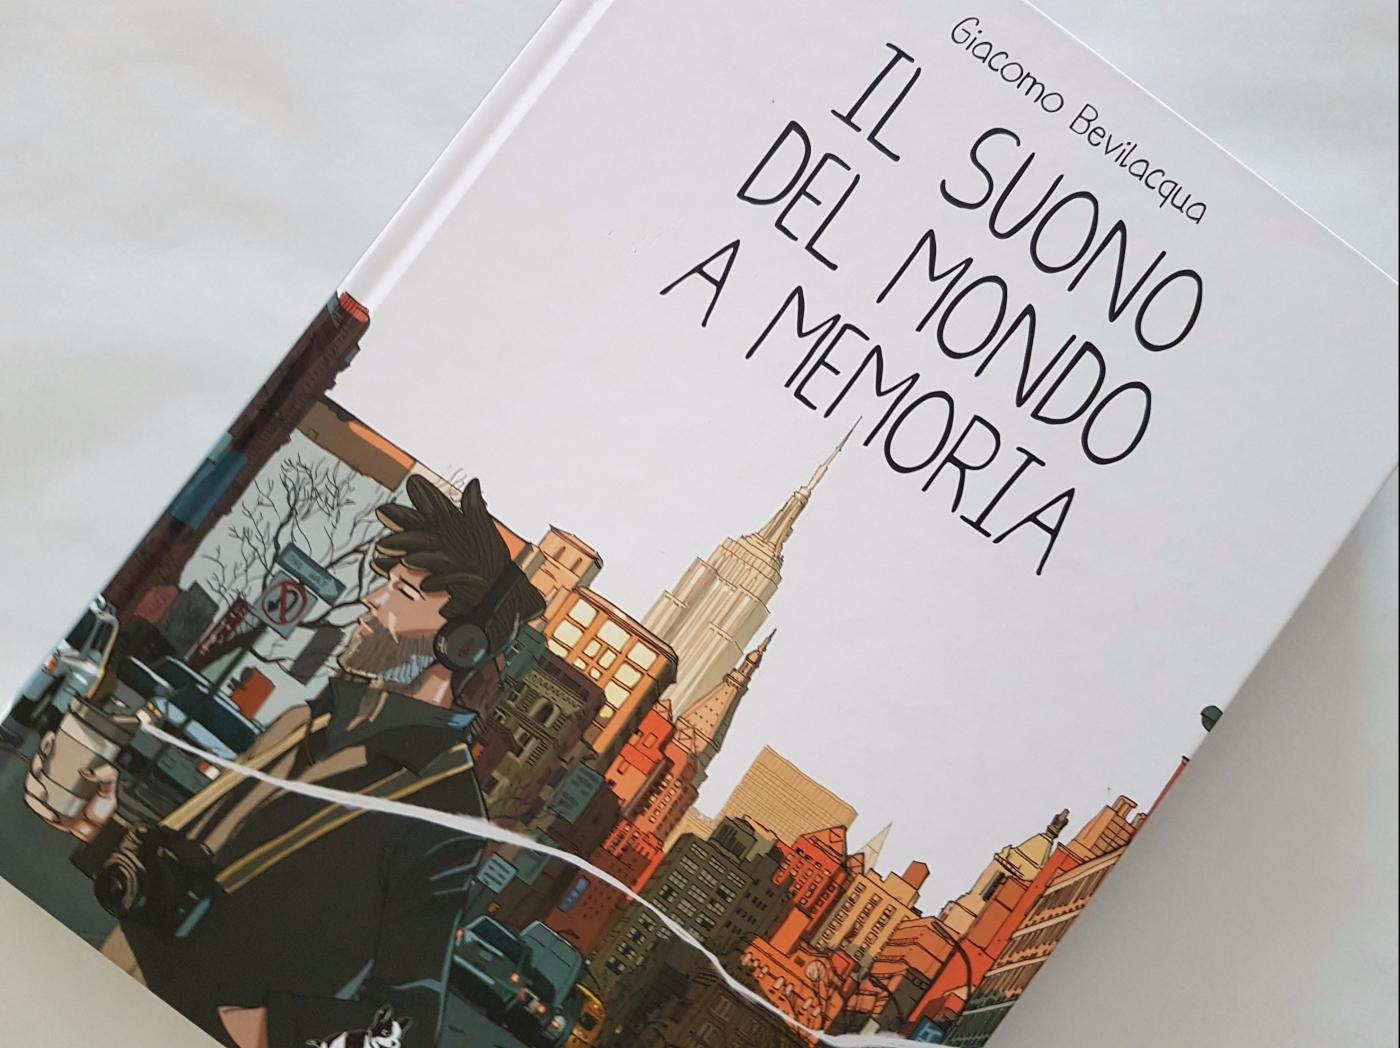 roacrecensioni racconti tazza di caffè milanese roa rivista online avanguardia gratuita